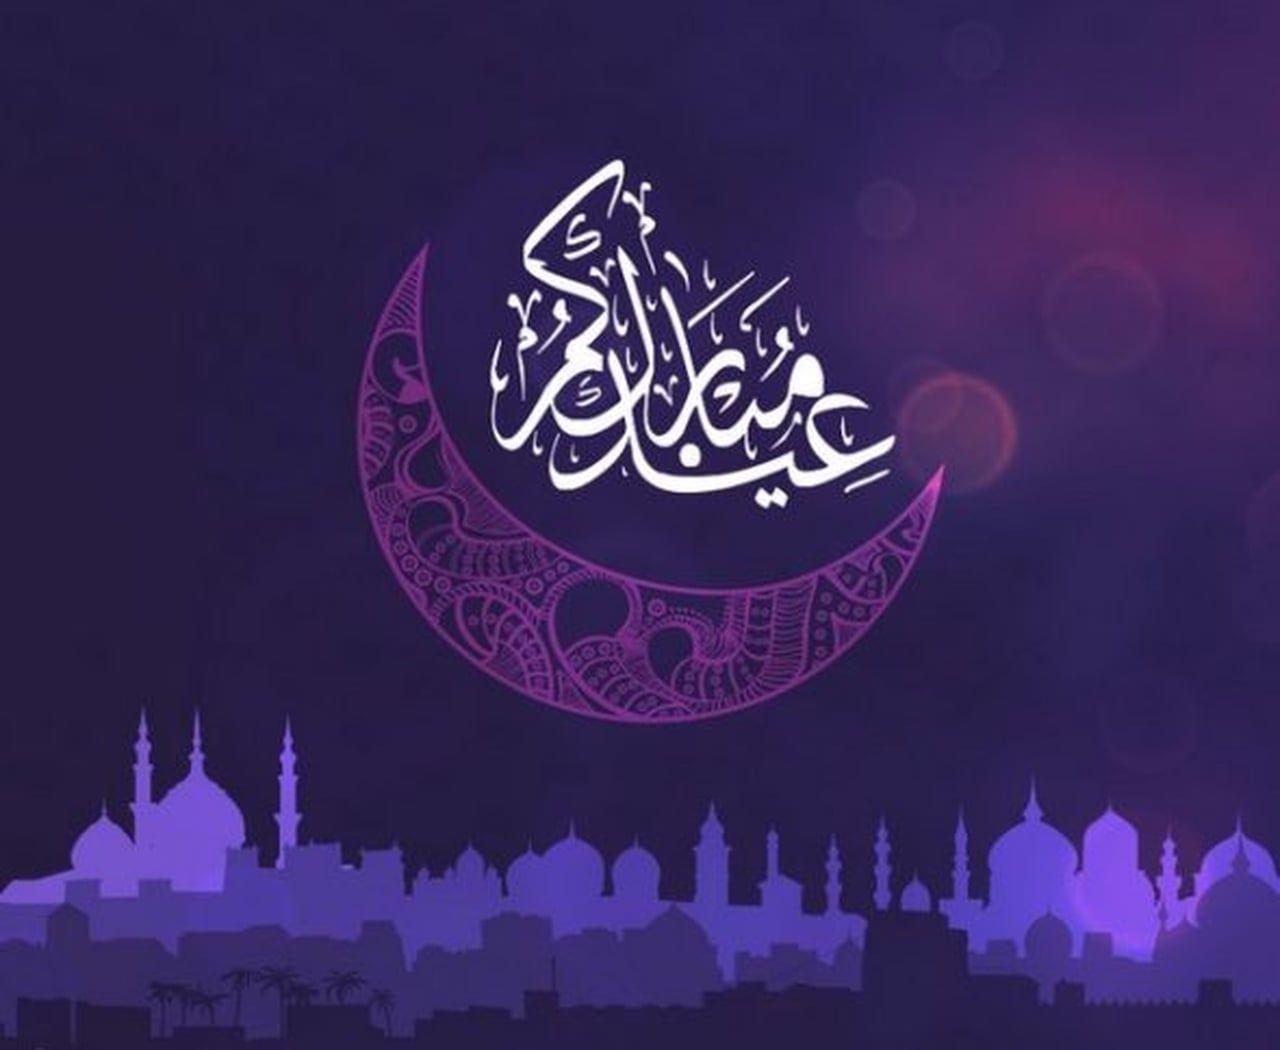 صورة صور تهاني بعيد الاضحى , اجمل العباراة والصور فى عيد الاضحى المبارك